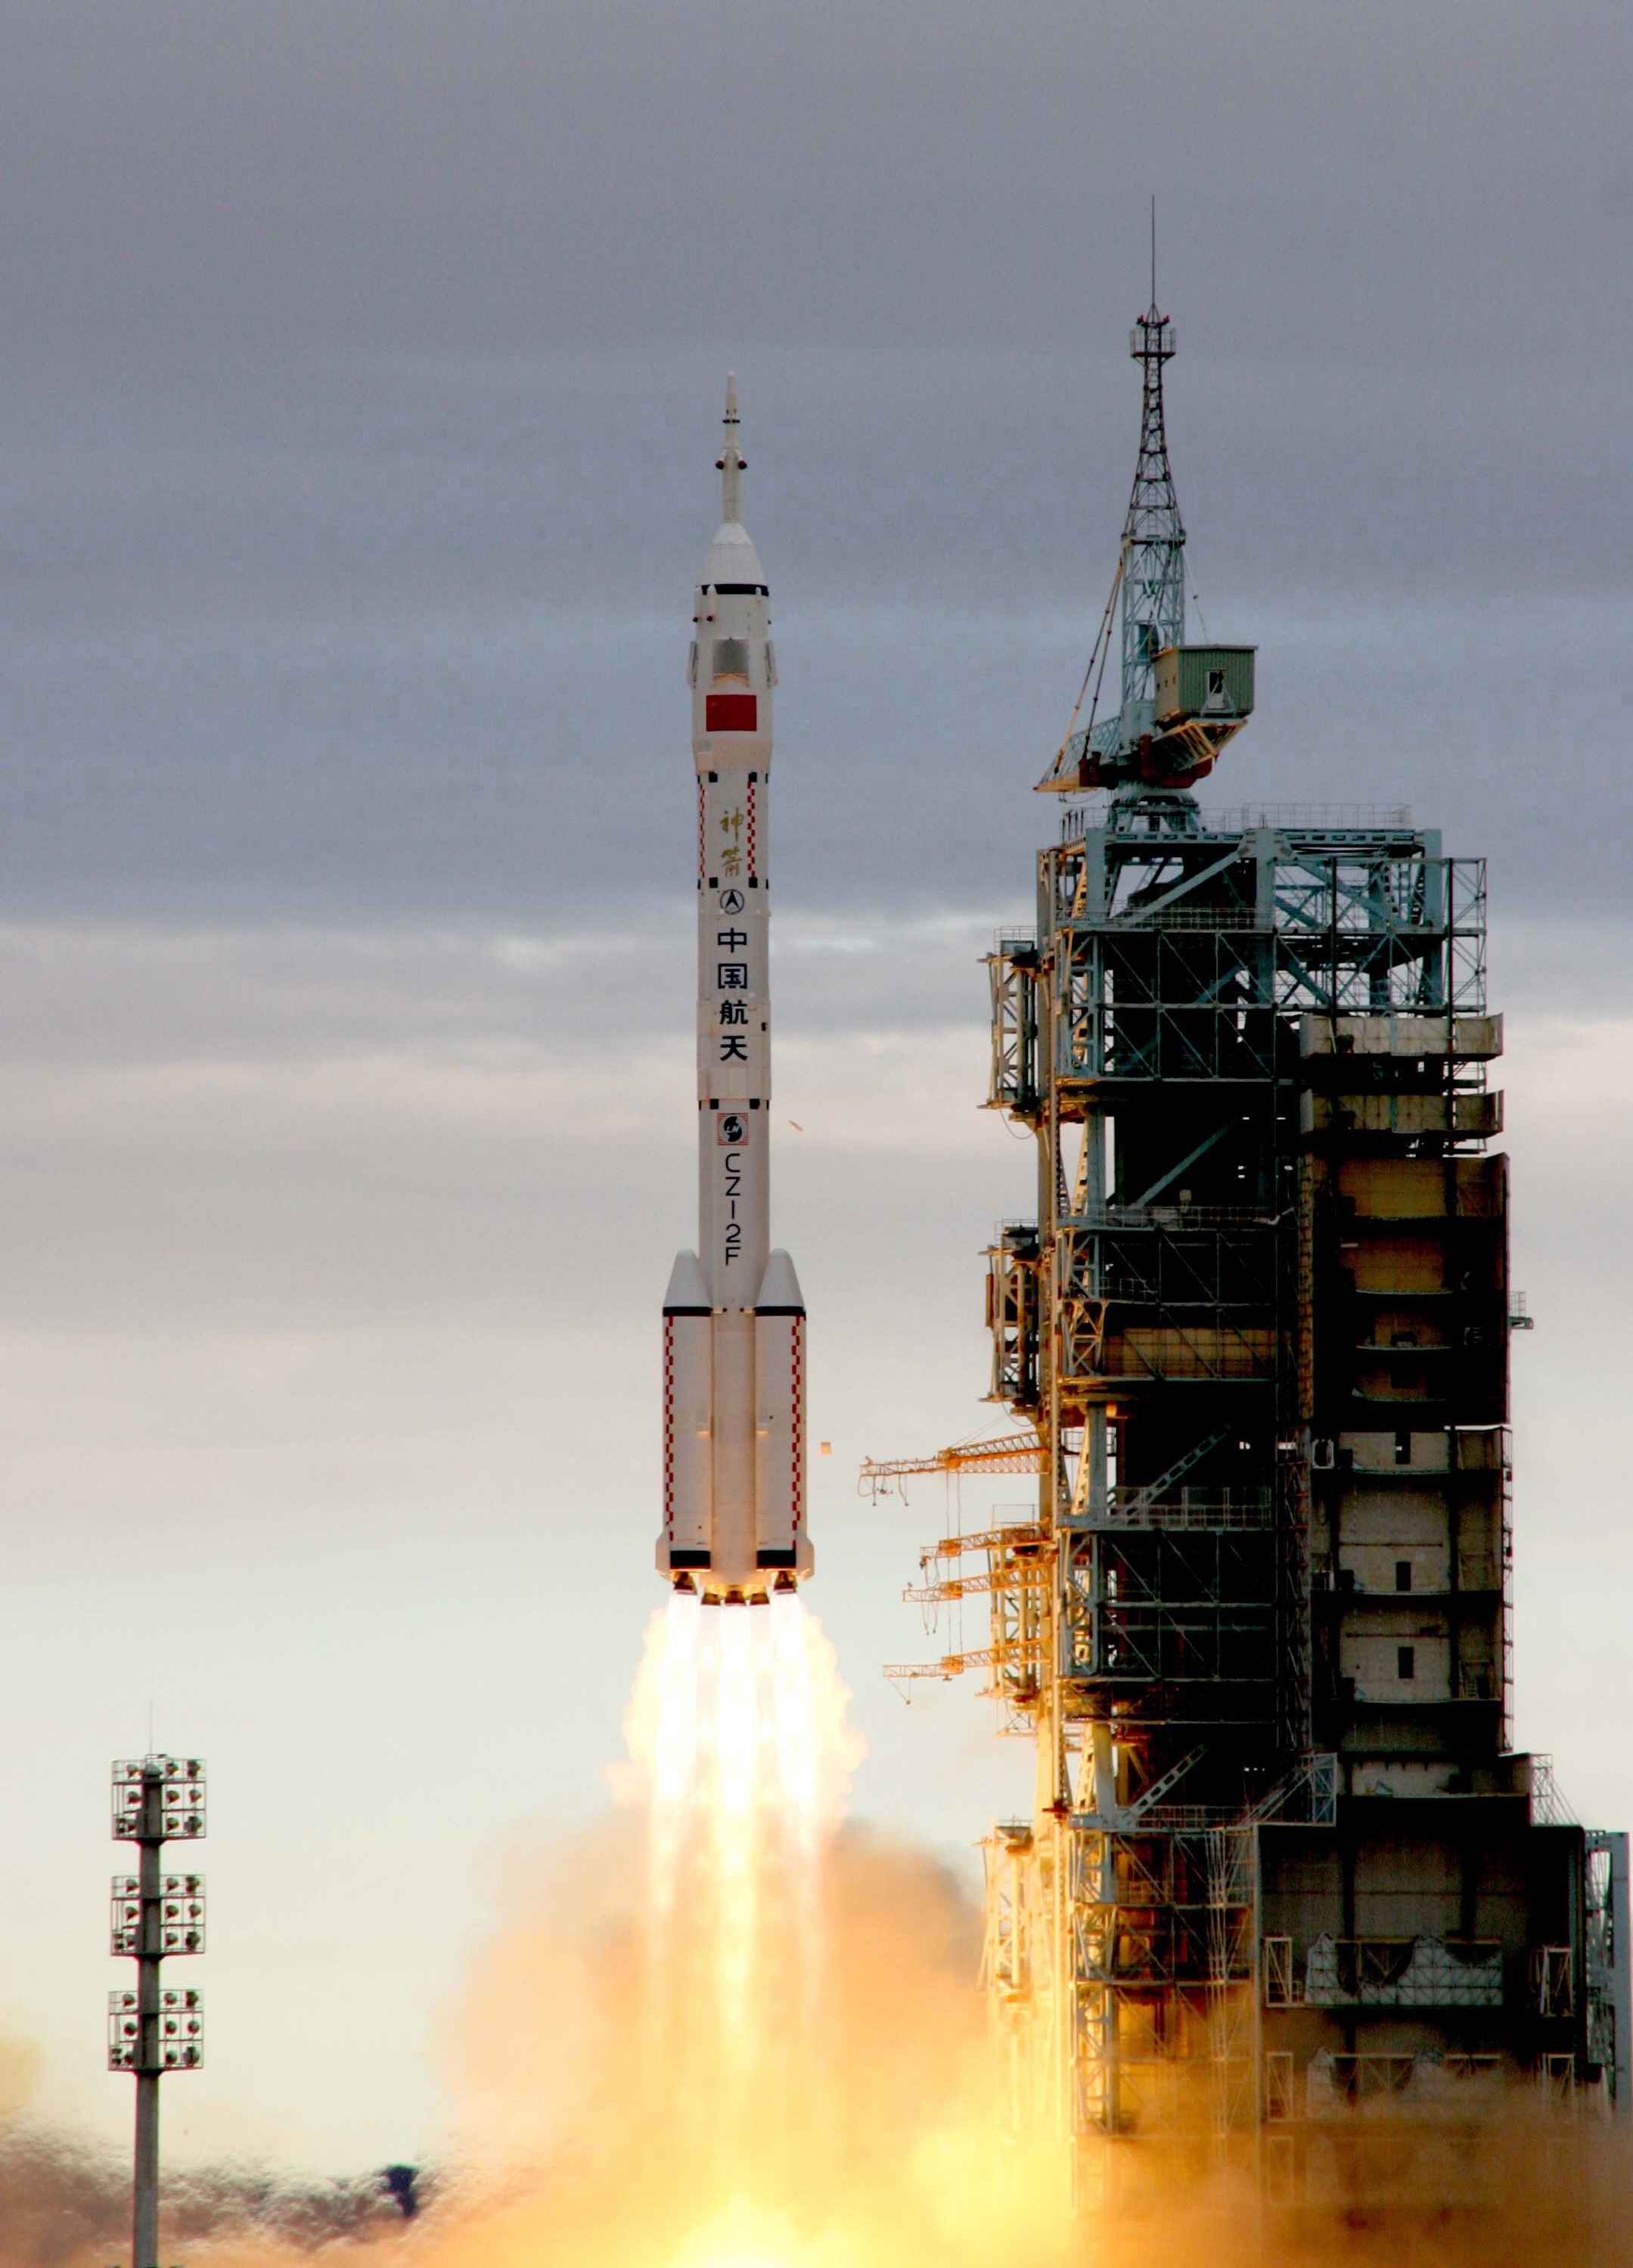 科技 科技专题 航天类 长征系列运载火箭百次发射纪念 神箭冲天图片集